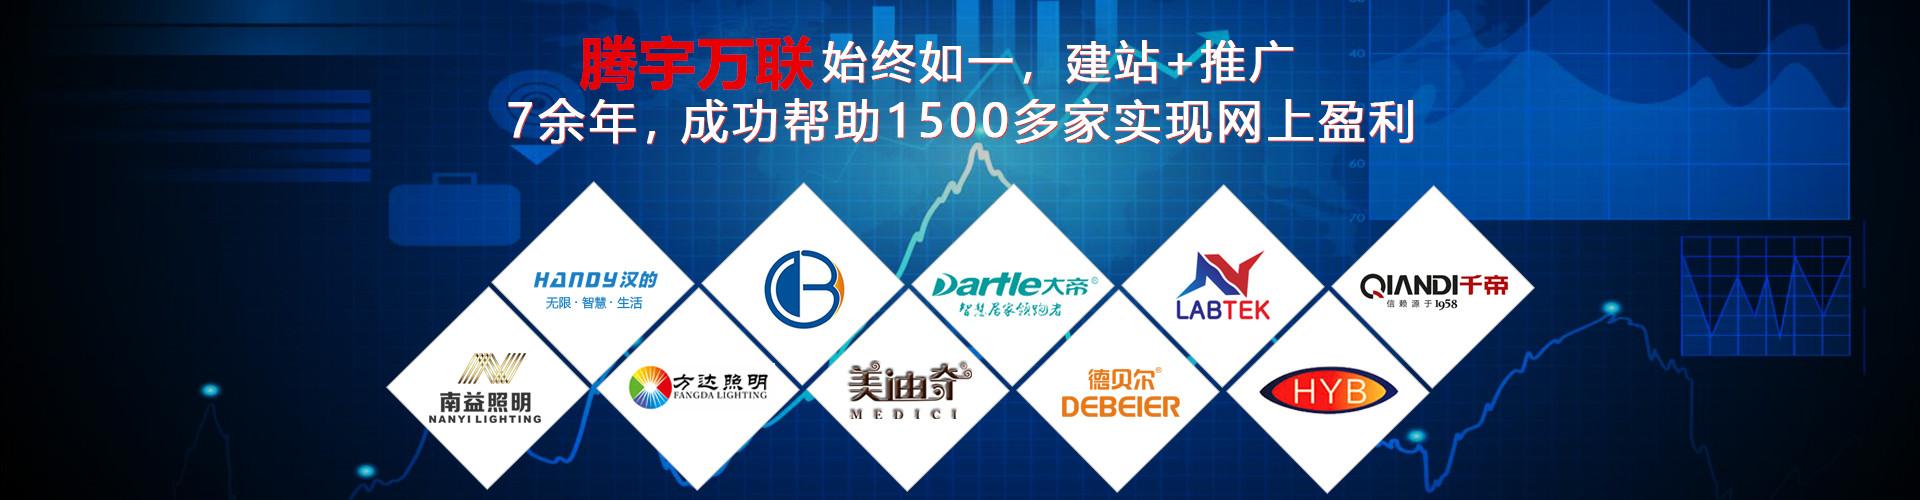 吉林腾宇万联网络科技有限公司